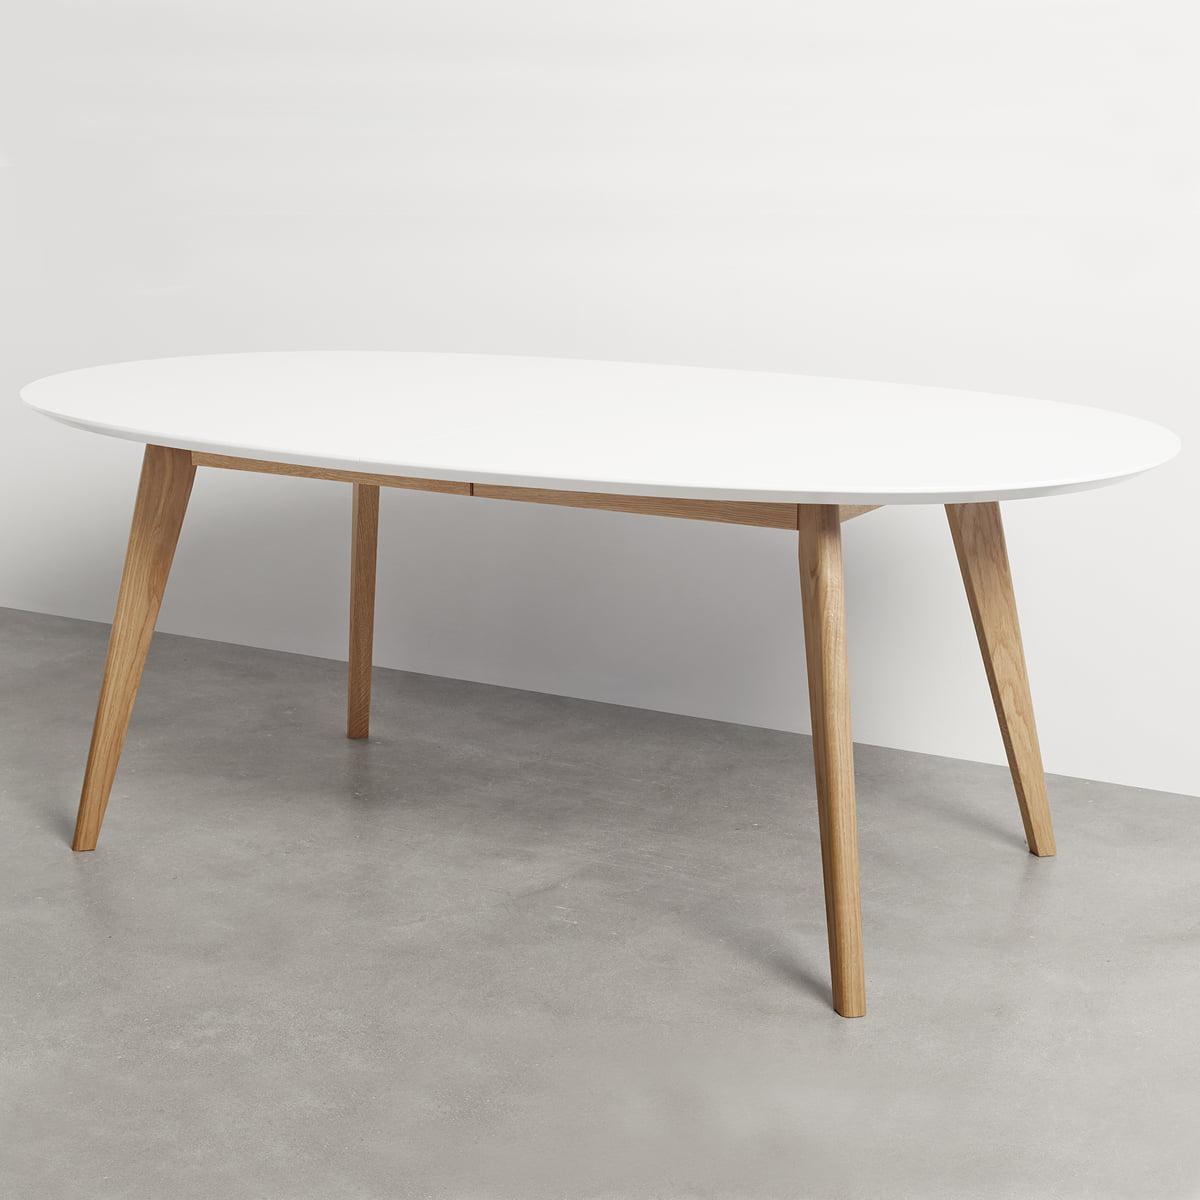 dk10 spisebord i tr fra andersen furniture. Black Bedroom Furniture Sets. Home Design Ideas